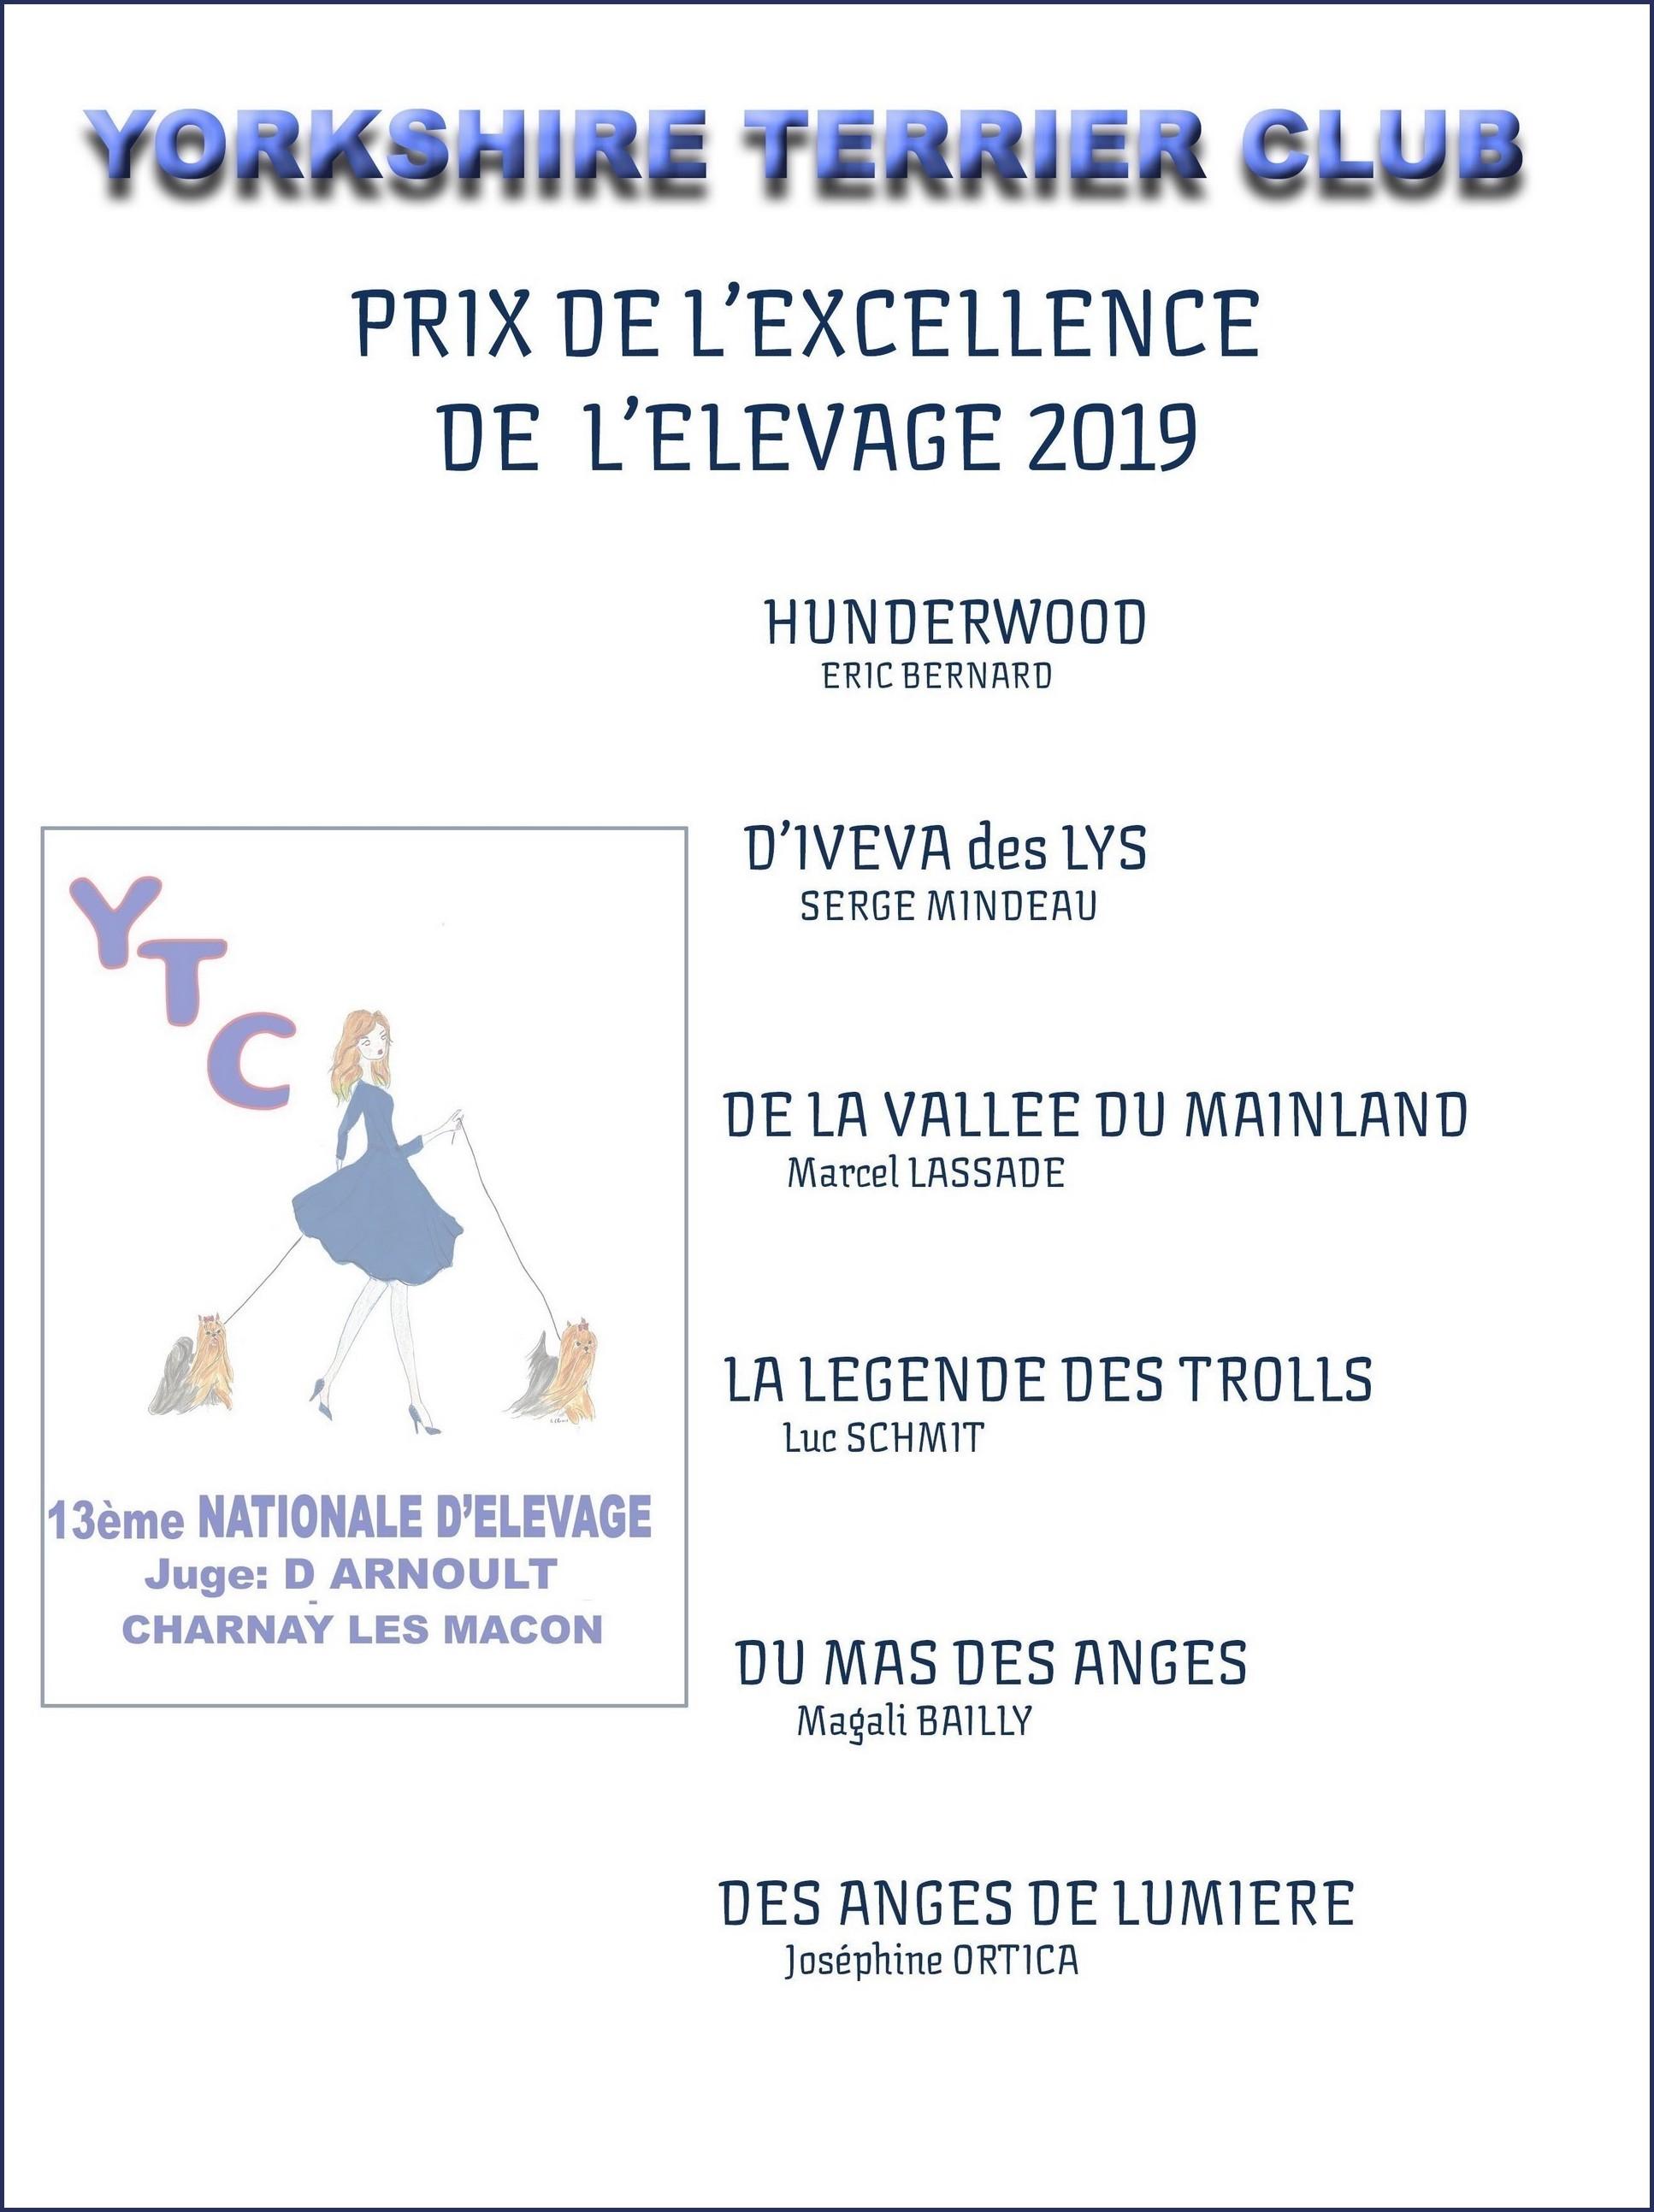 PRIXEXC 2019 (3)